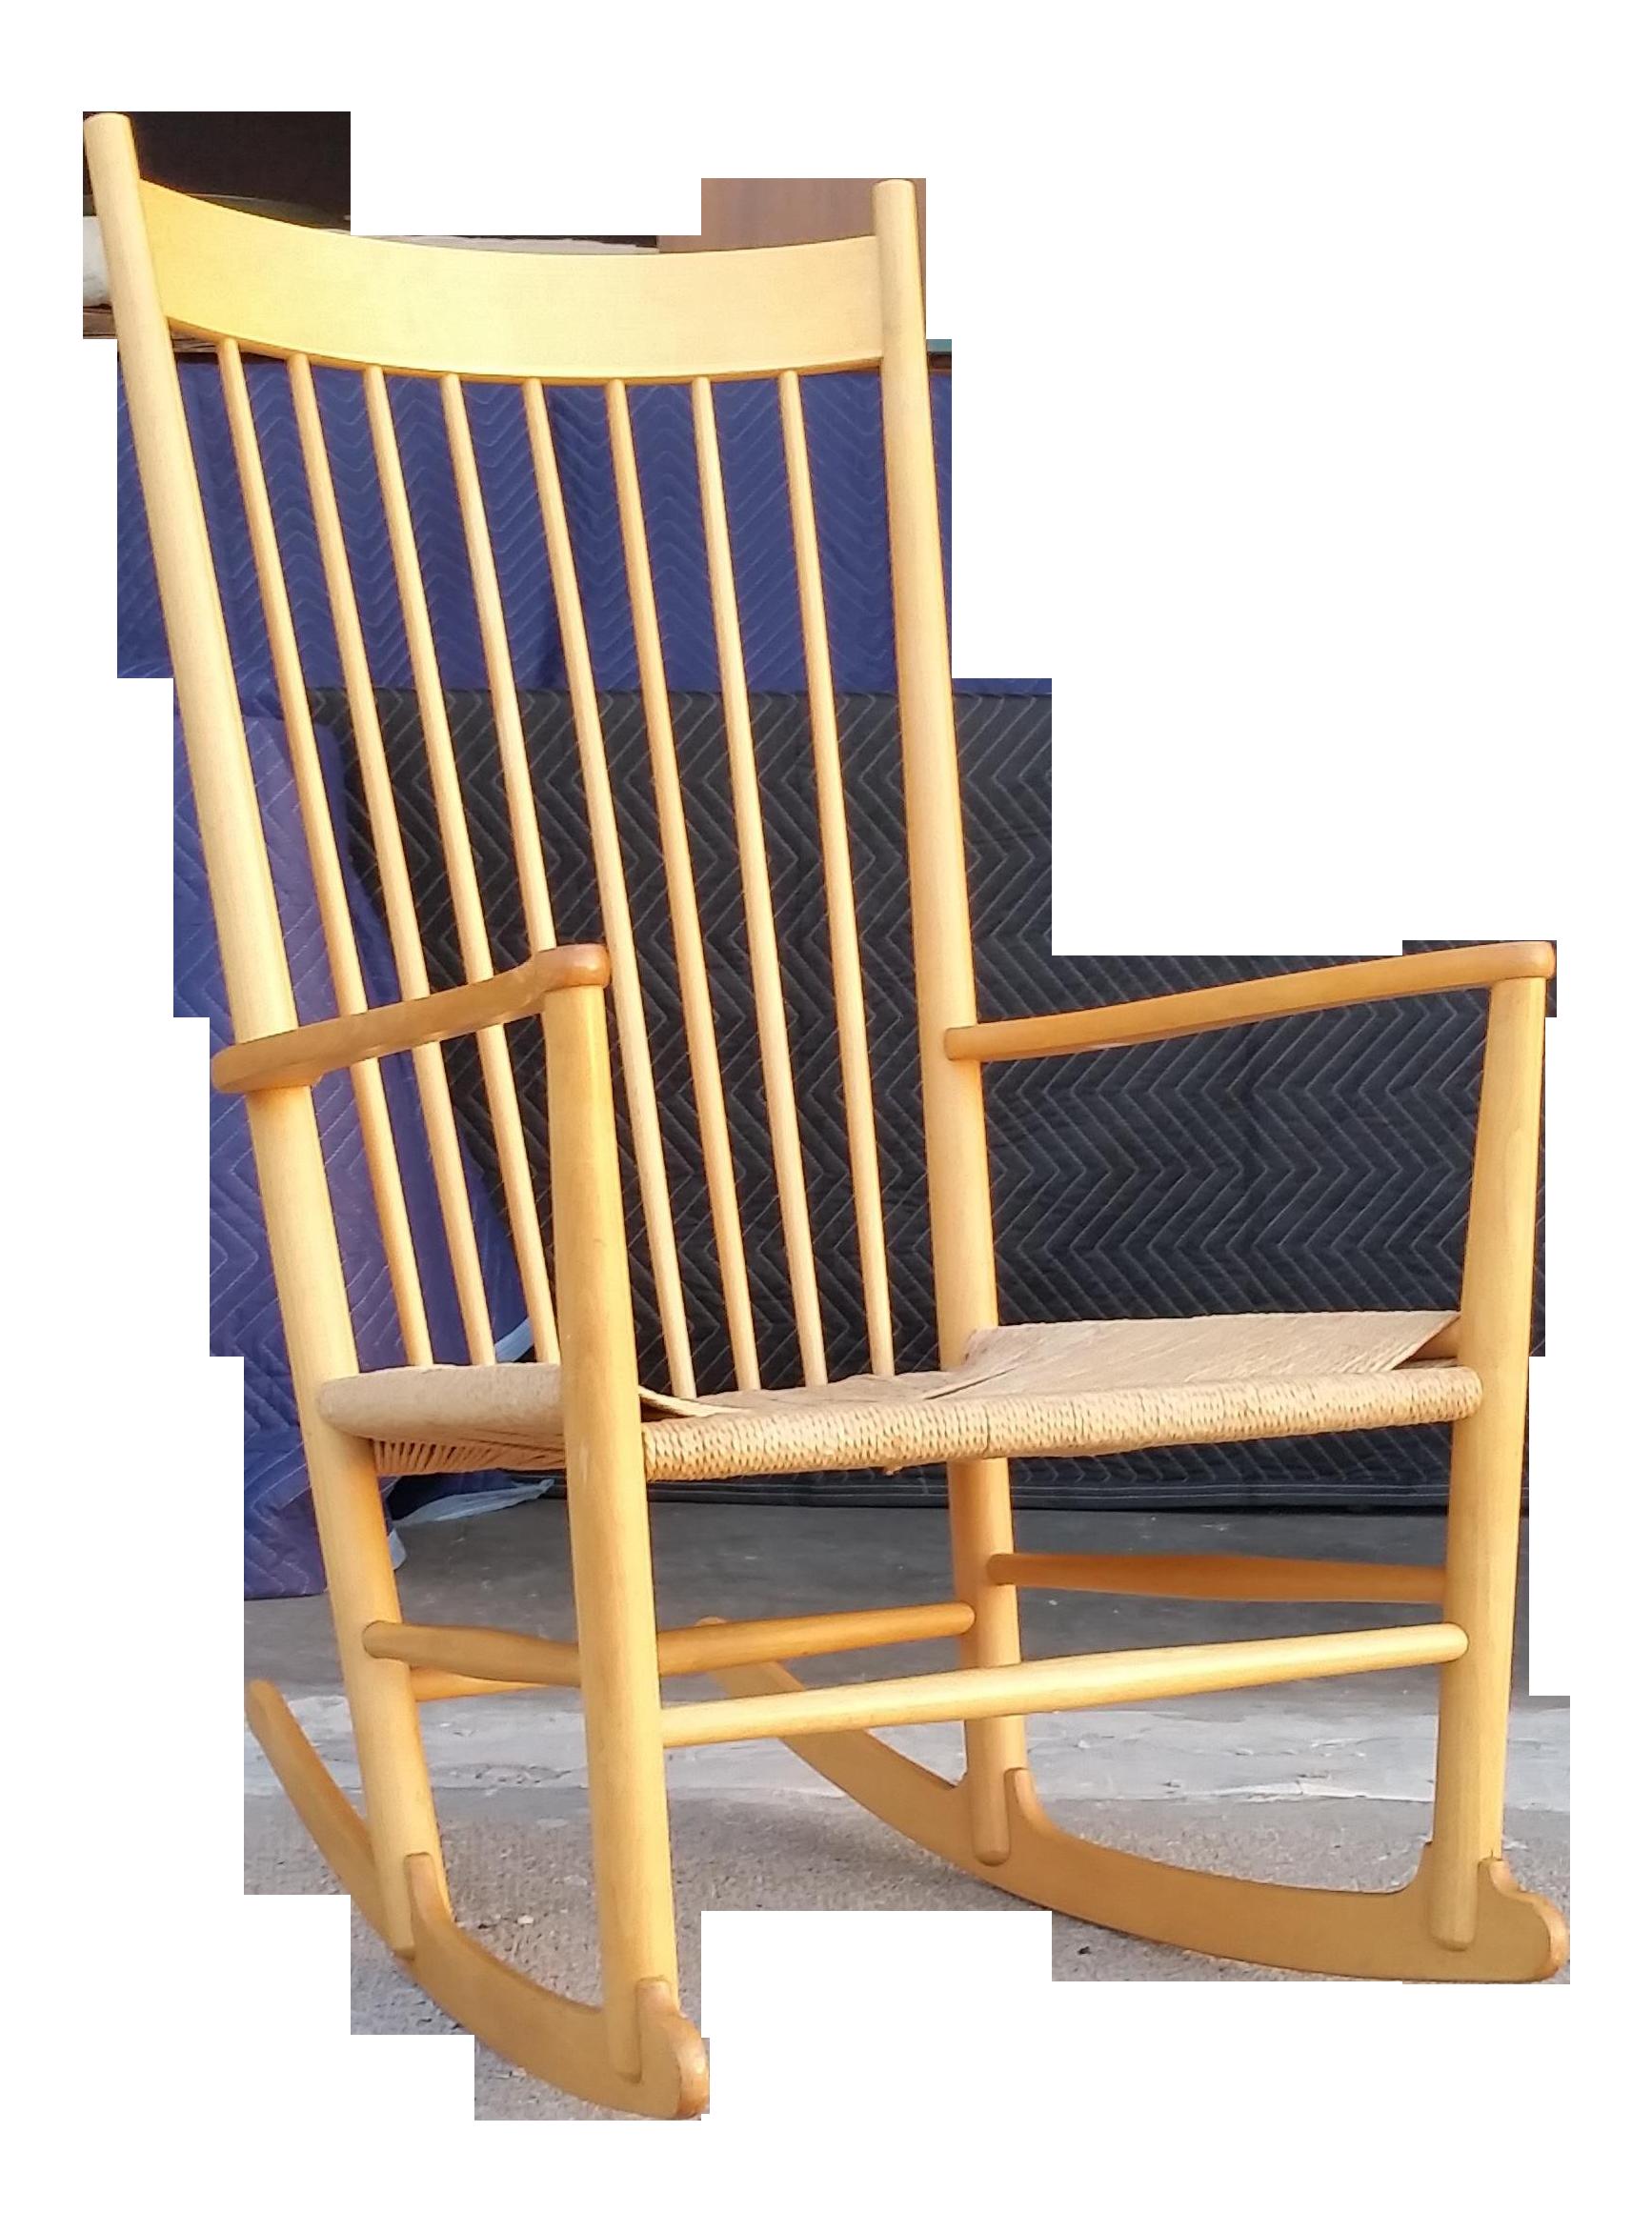 Hans Wegner J16 Beech Wood Rocking Chair